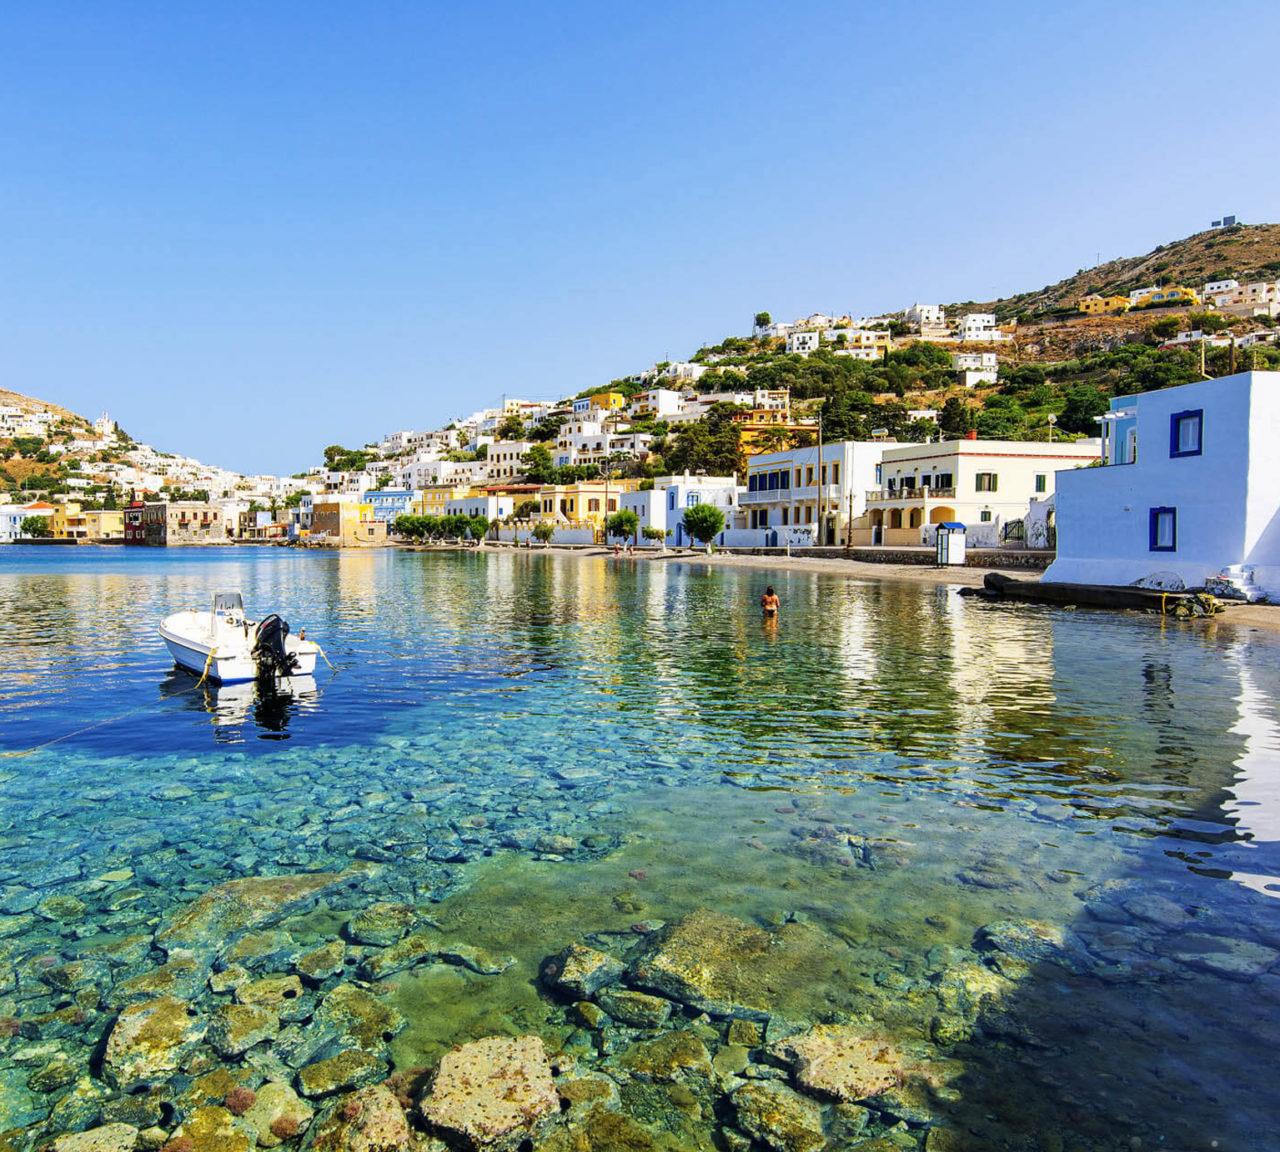 Leros, küçük bir ada olmasına rağmen küçük pek çok koydan oluşan kıyı şeridinin her köşesinden denize girilebiliyor.